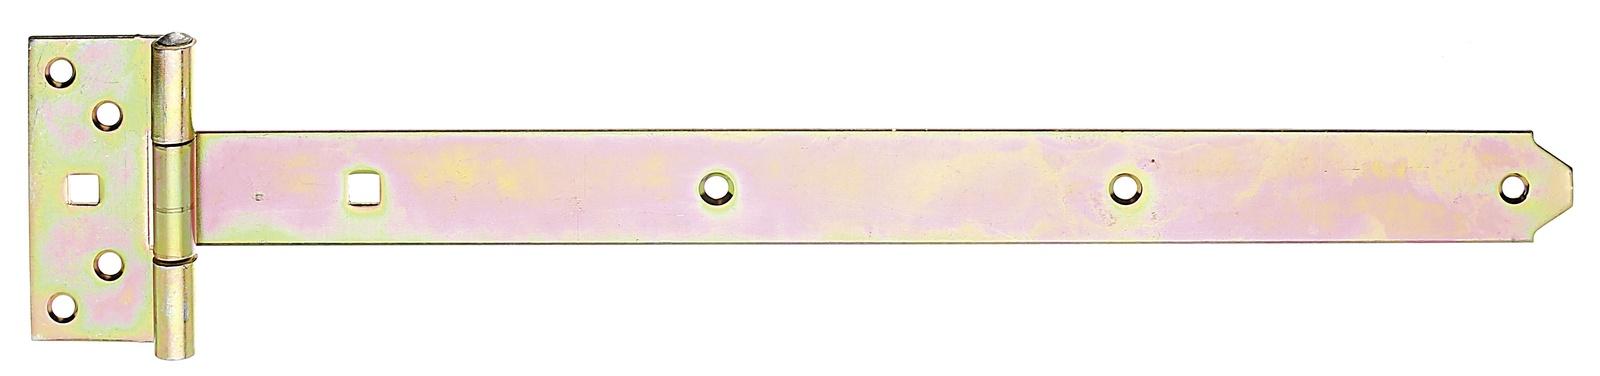 Петля для ворот,Gah Alberts, Т-образная оцинкованная 395x34 мм петля дверная gah alberts 310714